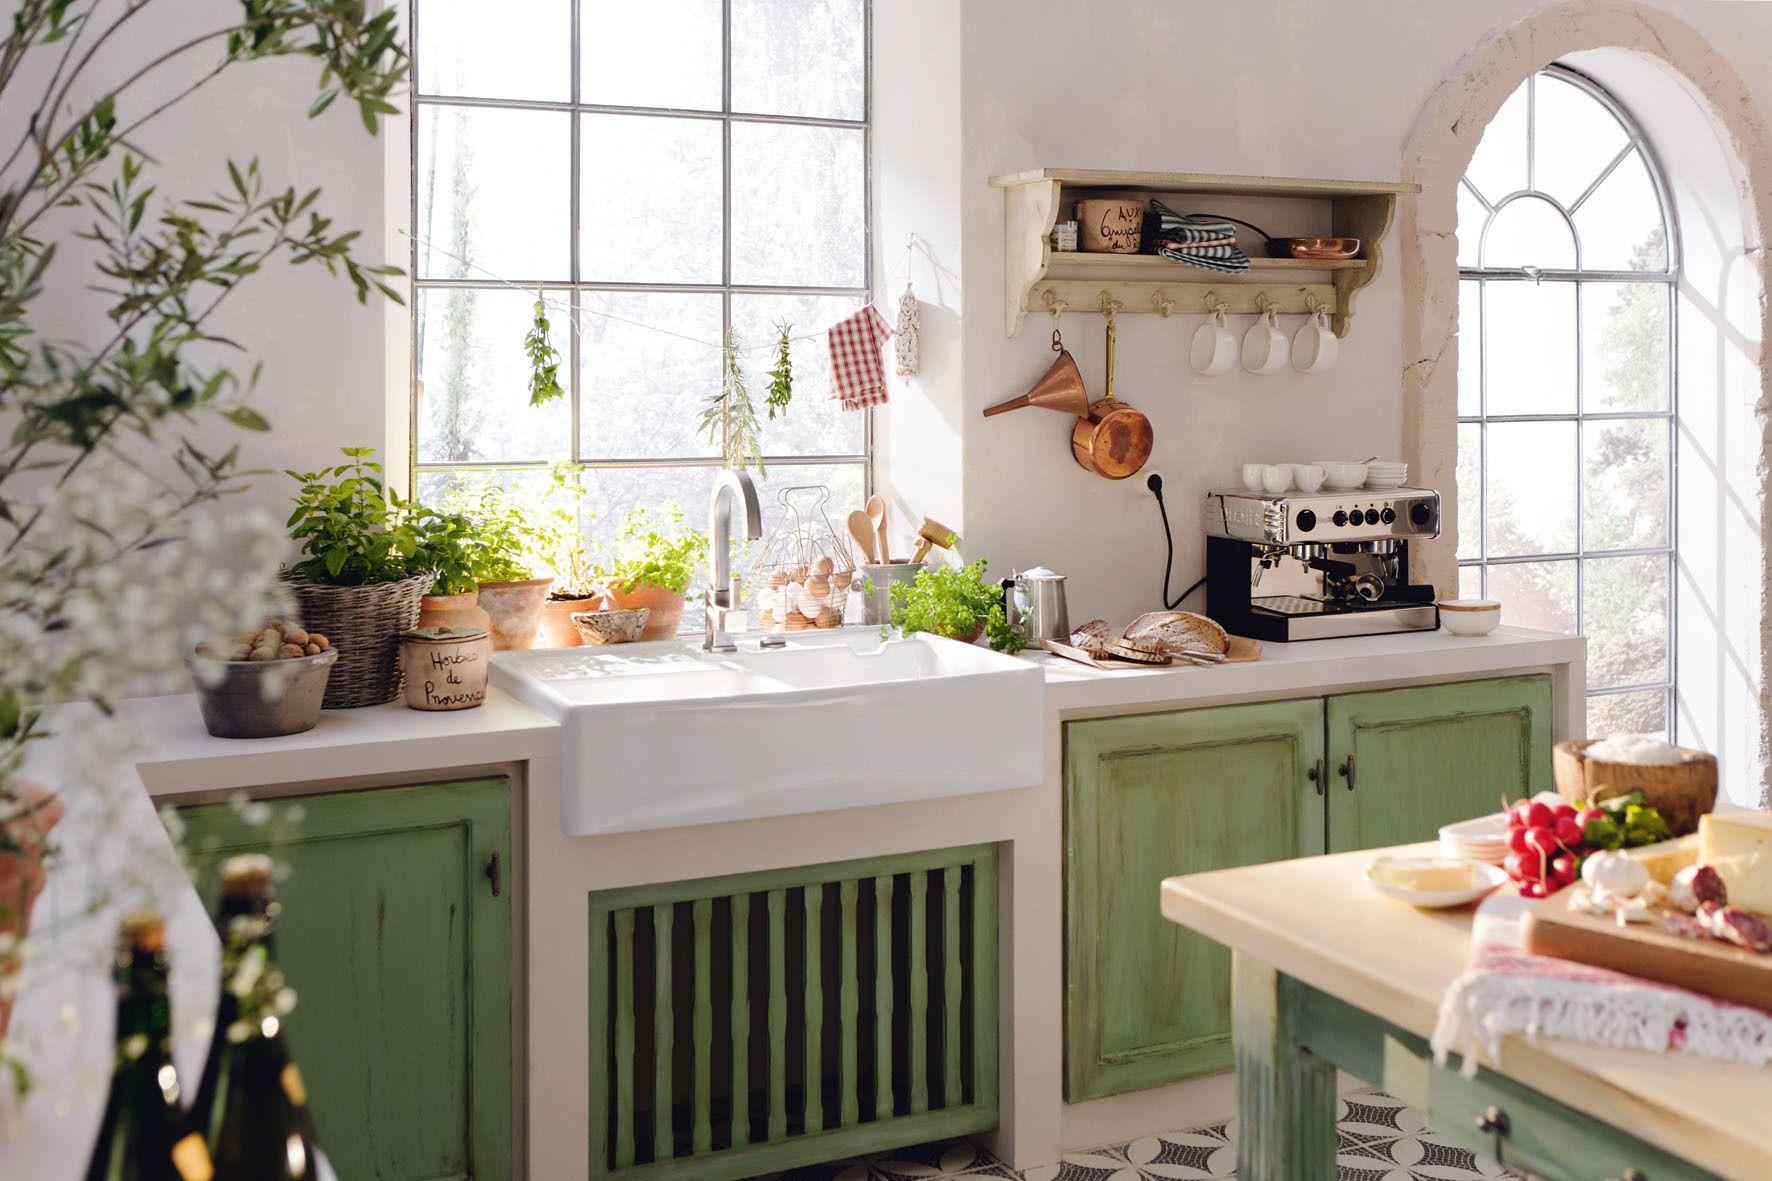 Full Size of Küchen Quelle Hat Jemand Erfahrung Mit Kchen Hallo Regal Wohnzimmer Küchen Quelle